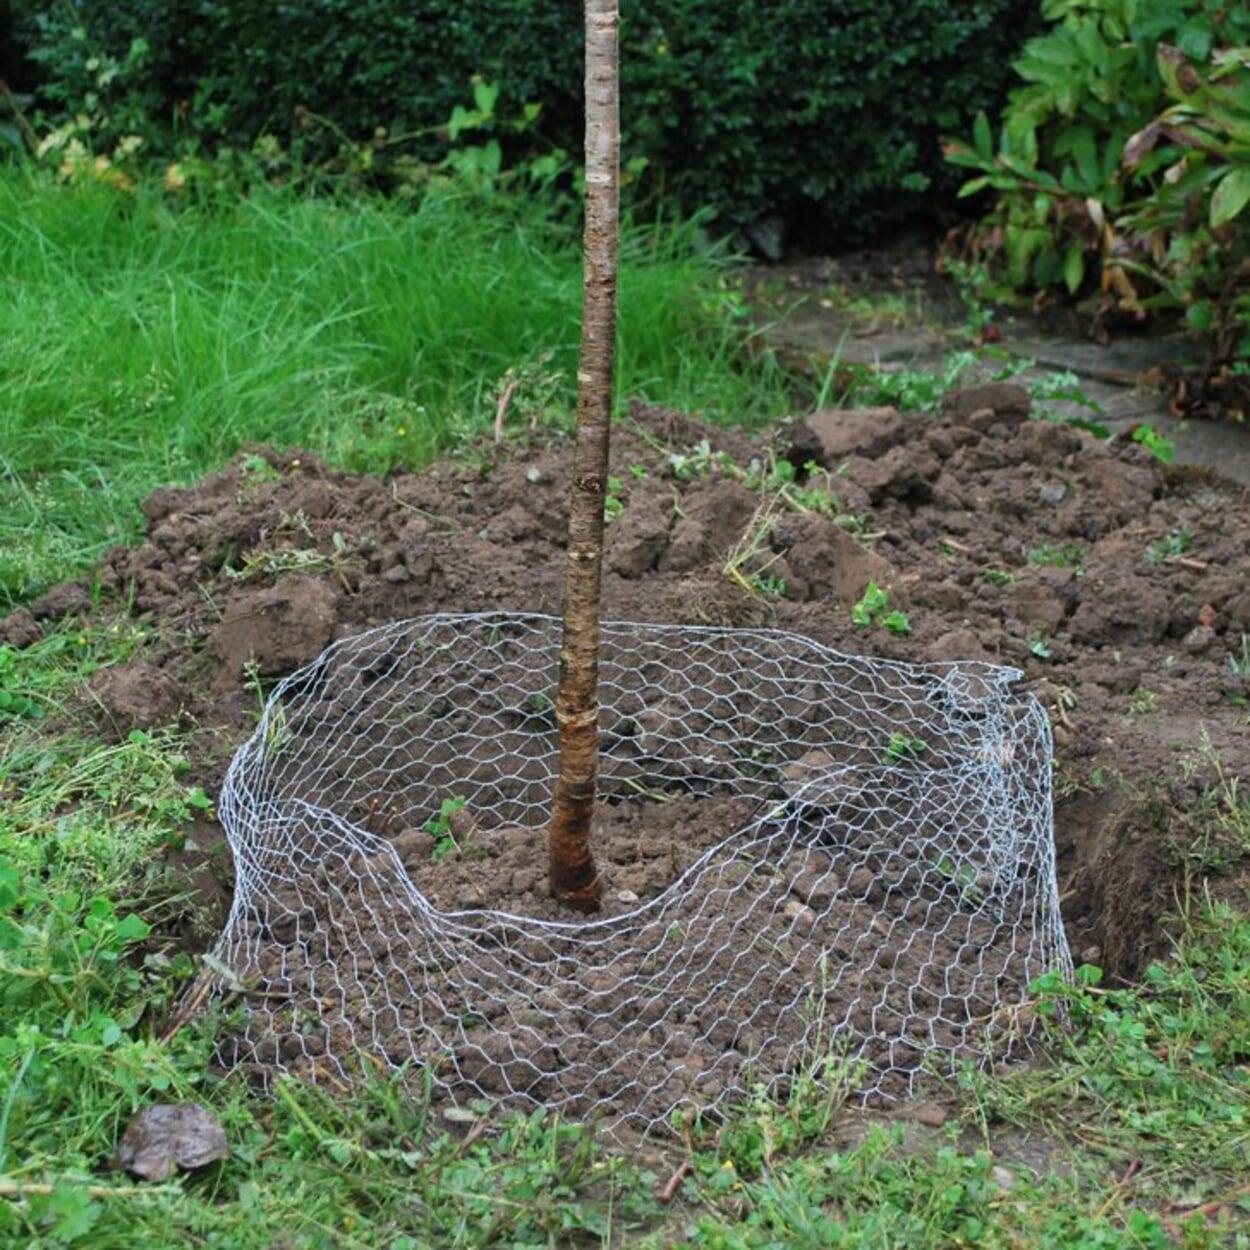 Zum Schutz vor Wühlmäusen den Baum in einen engmaschigen Drahtkorb pflanzen